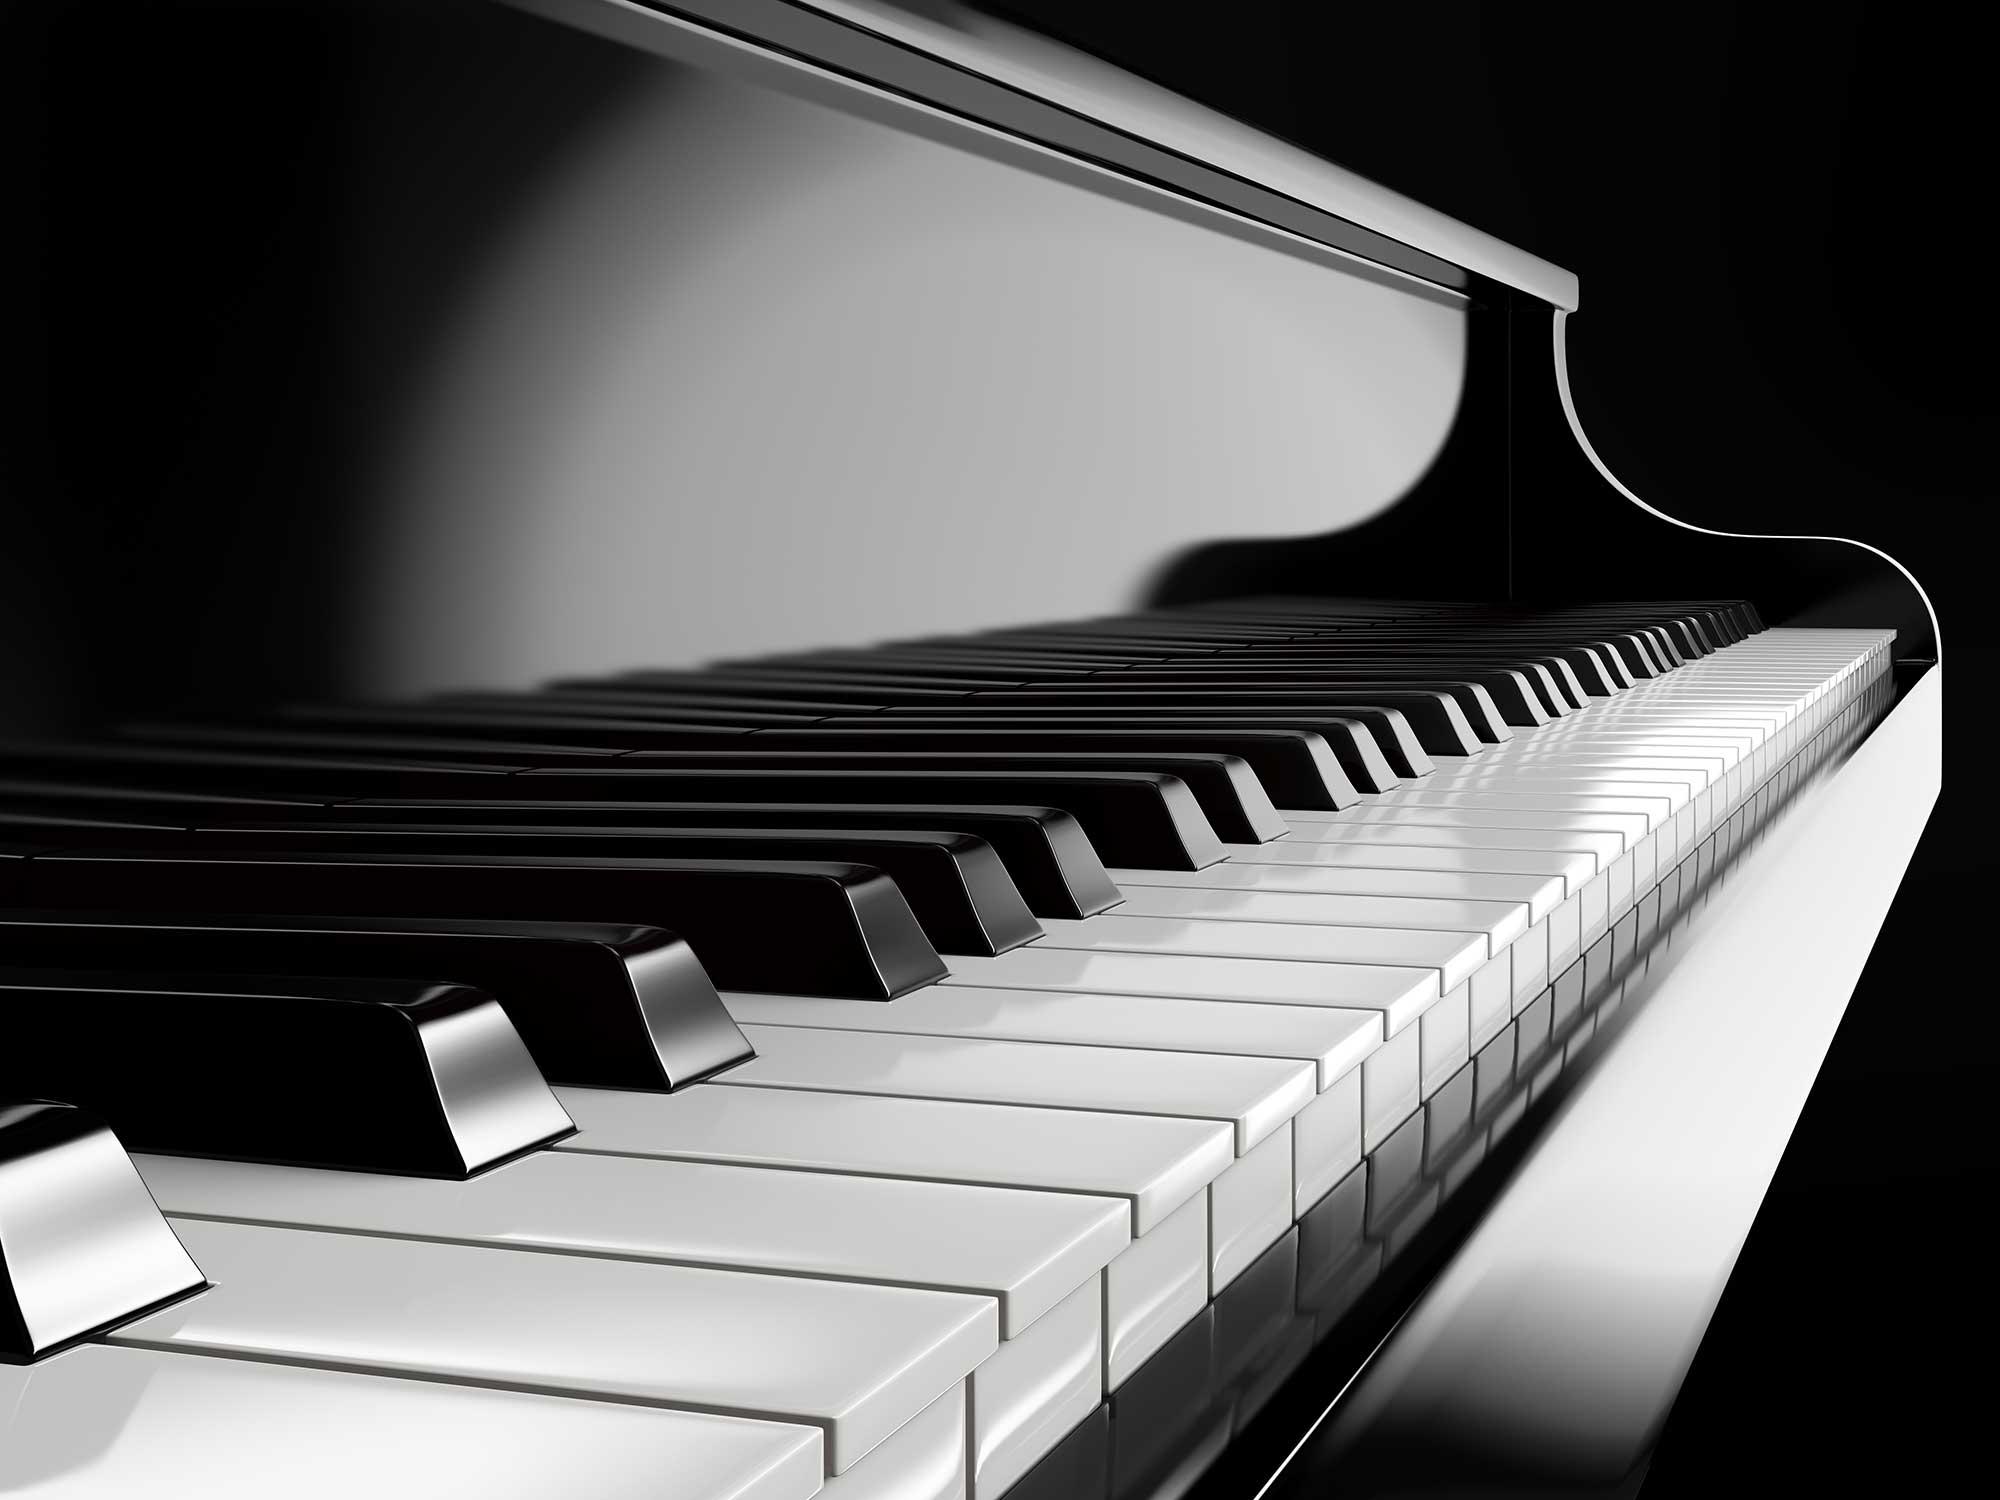 verkoop piano